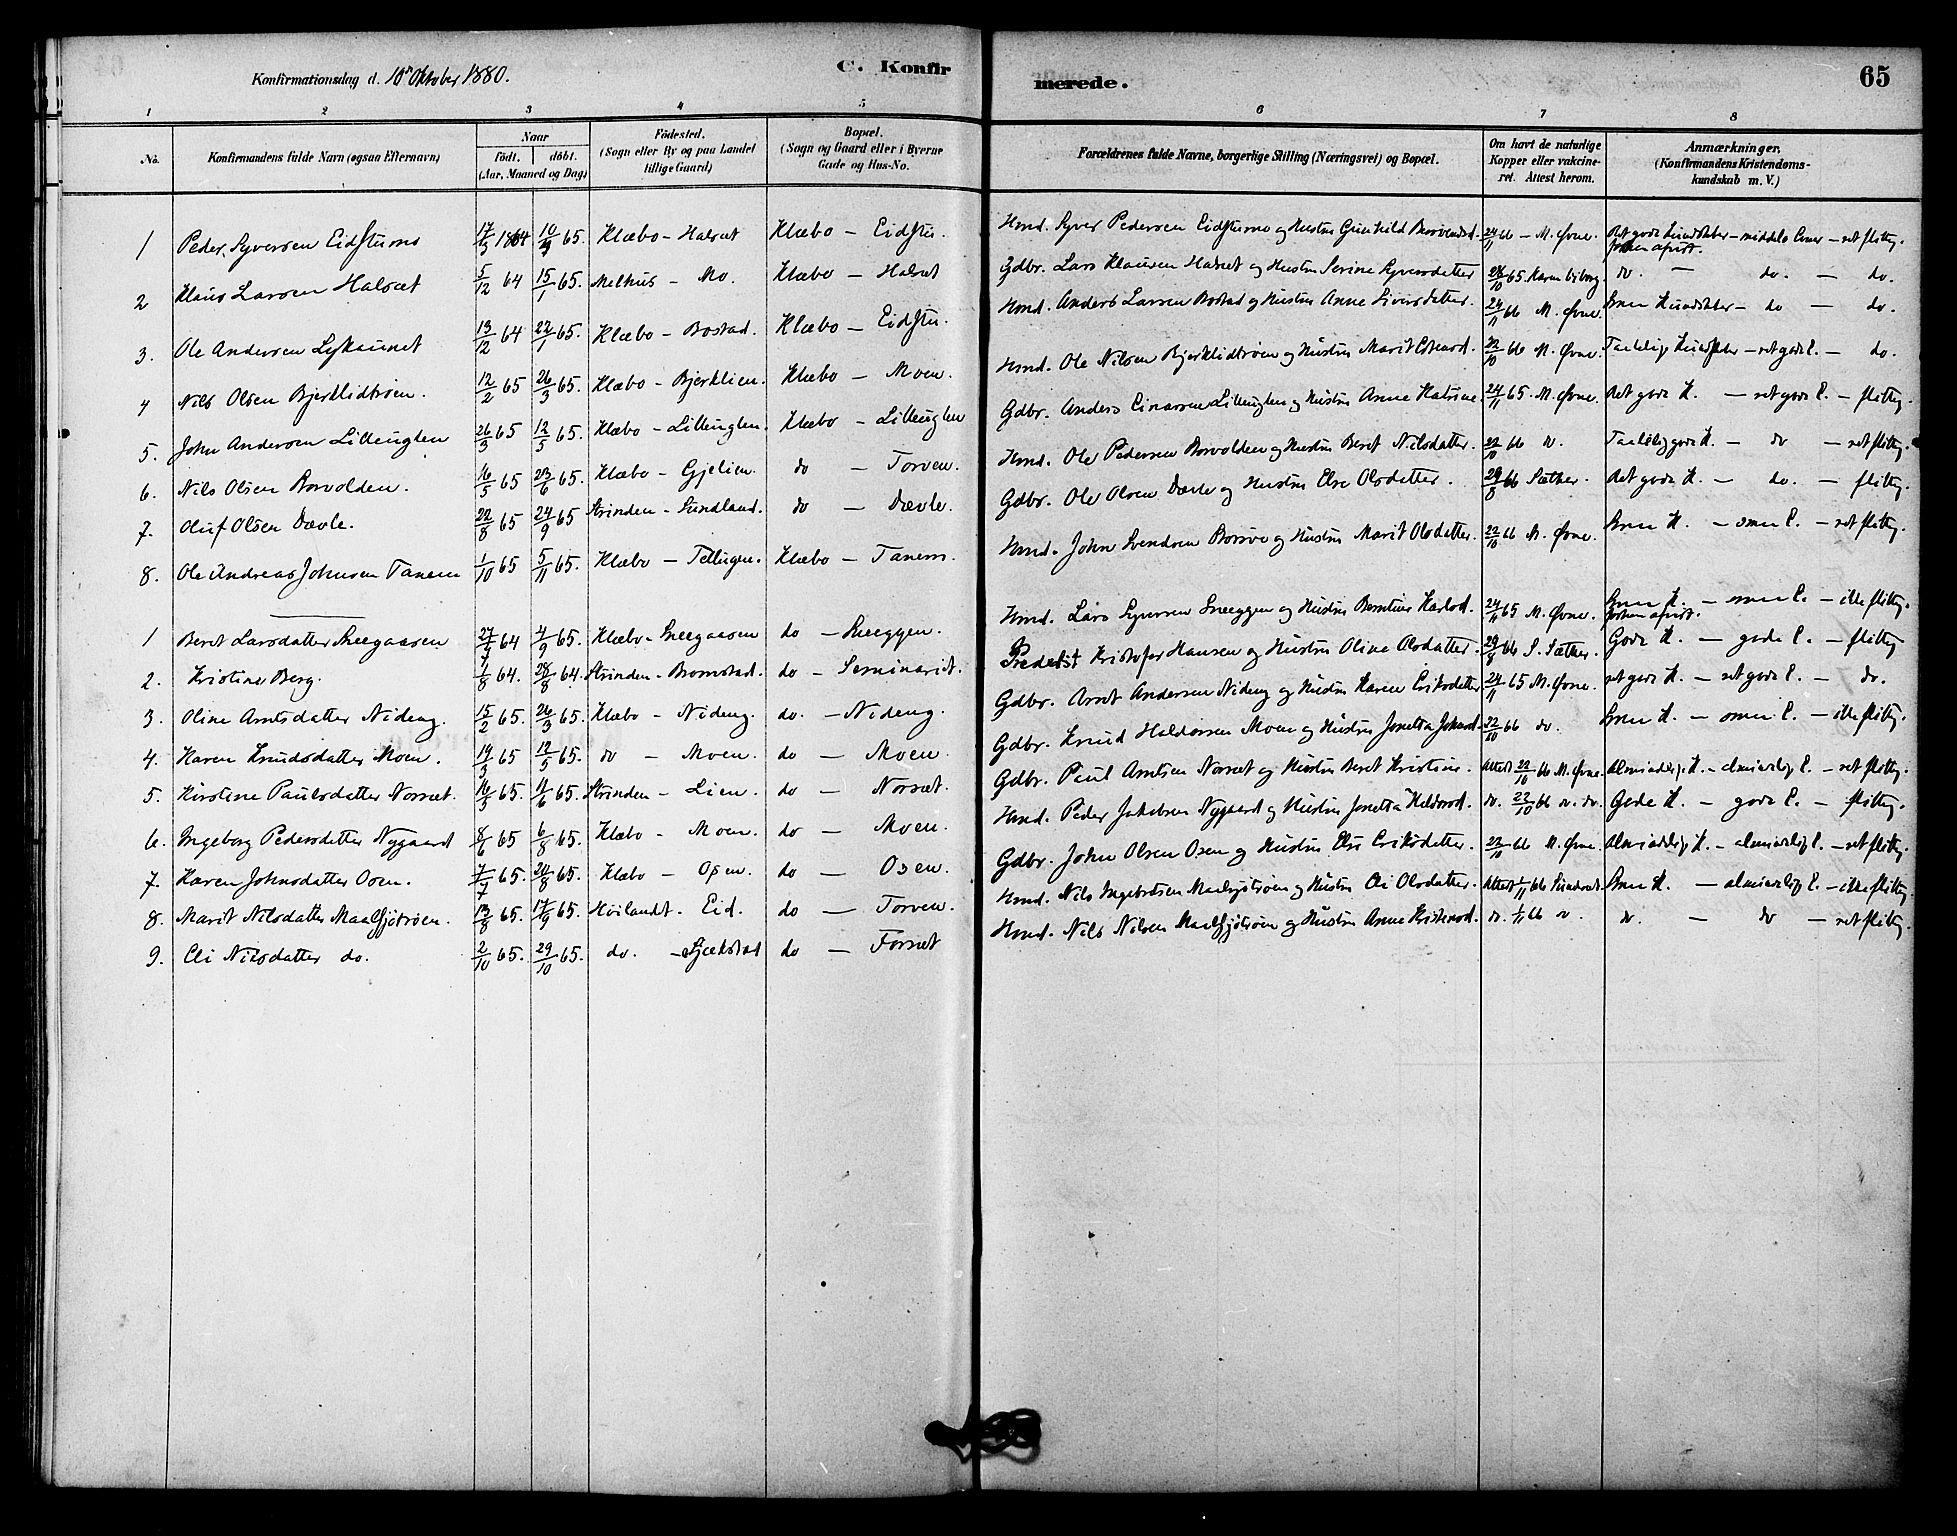 SAT, Ministerialprotokoller, klokkerbøker og fødselsregistre - Sør-Trøndelag, 618/L0444: Ministerialbok nr. 618A07, 1880-1898, s. 65